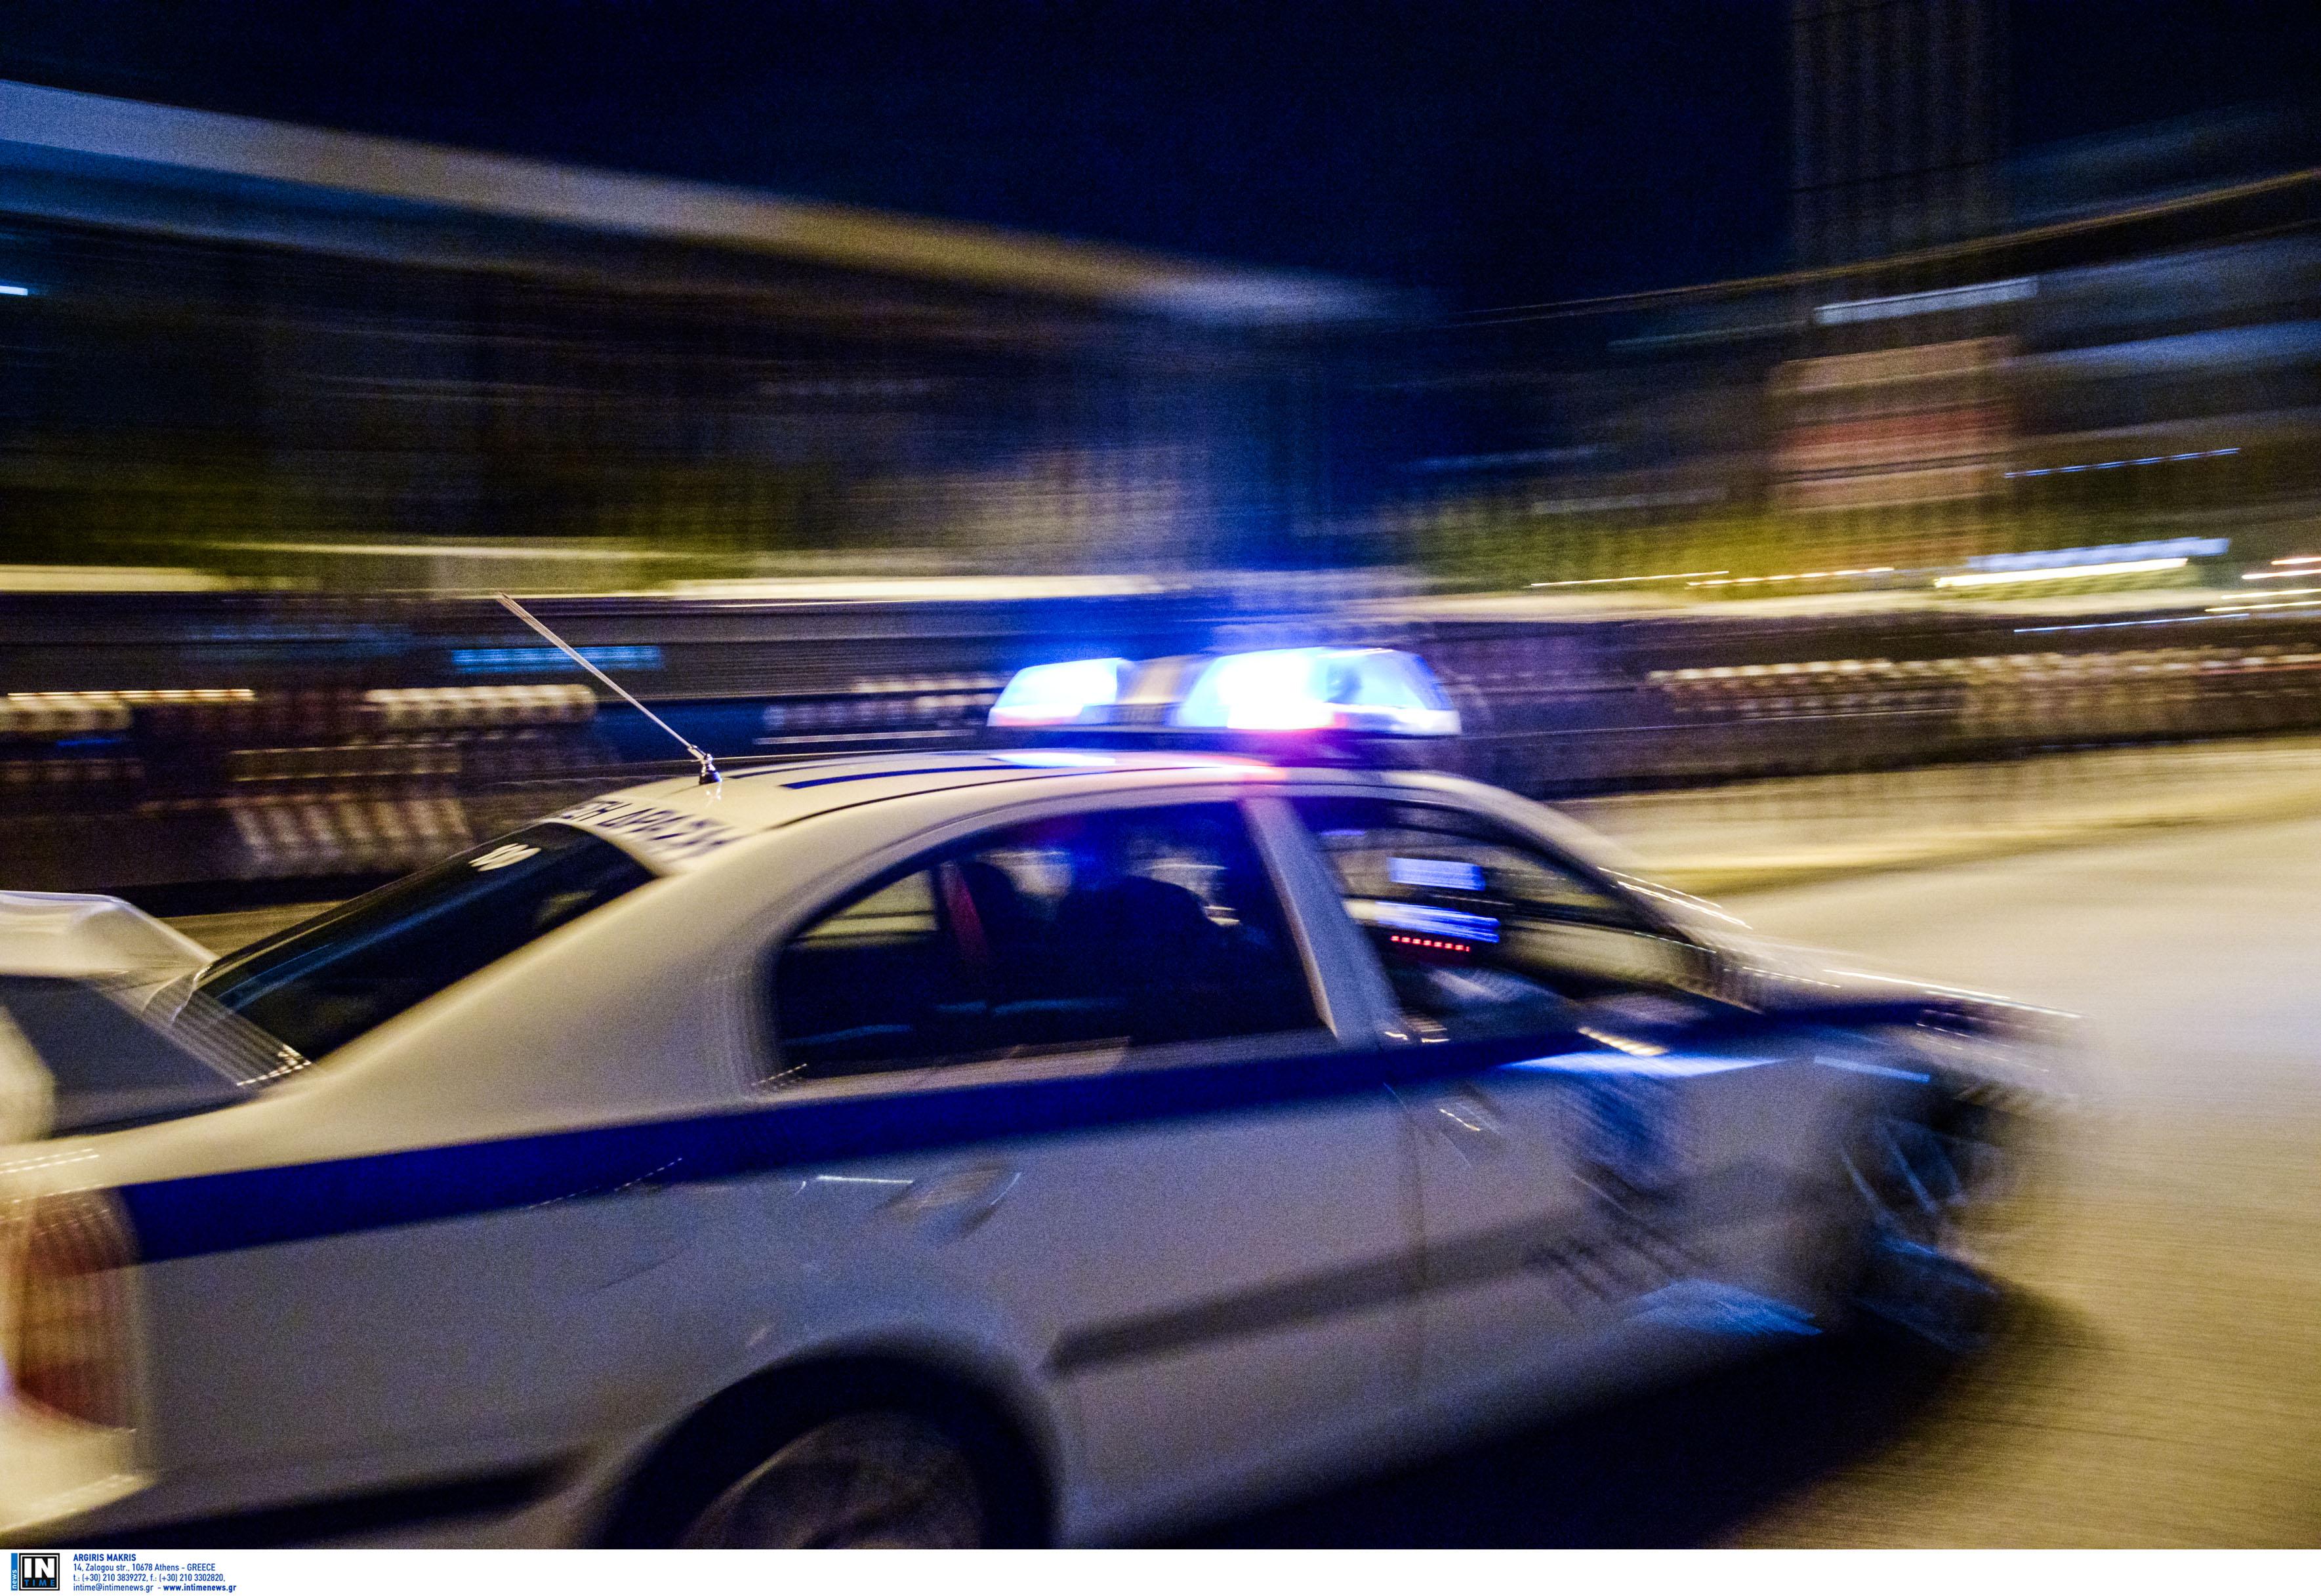 Σοκ στον Διόνυσο! Μπούκαραν μέσα στο λεωφορείο και μαχαίρωσαν άνδρα